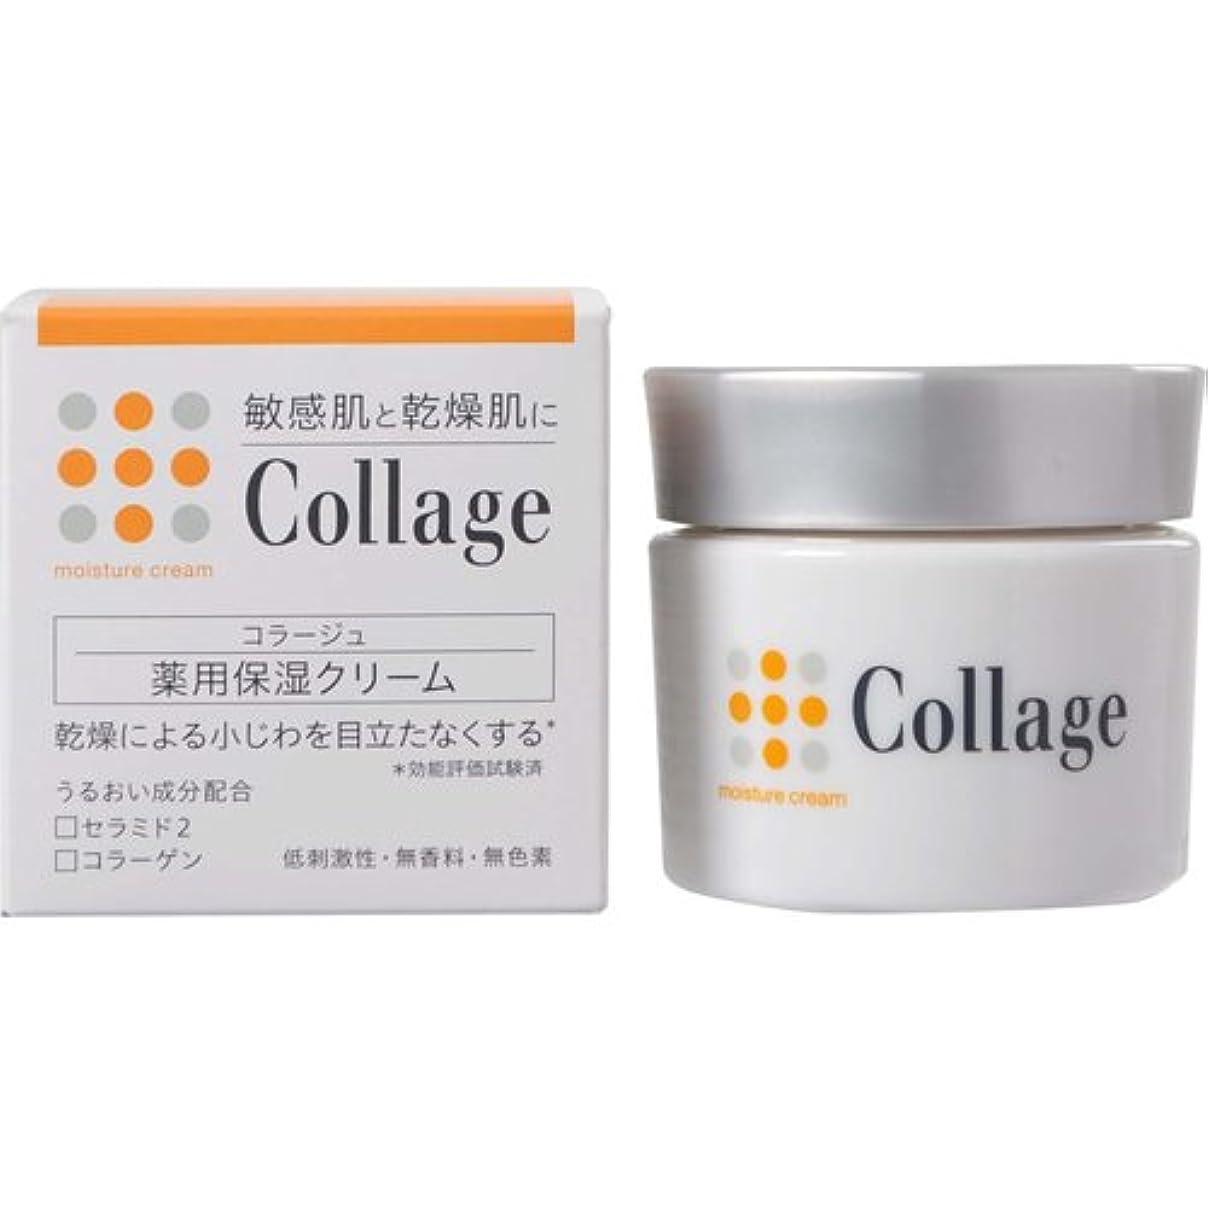 極端な主婦かび臭いコラージュ 薬用保湿クリーム 30g 【医薬部外品】